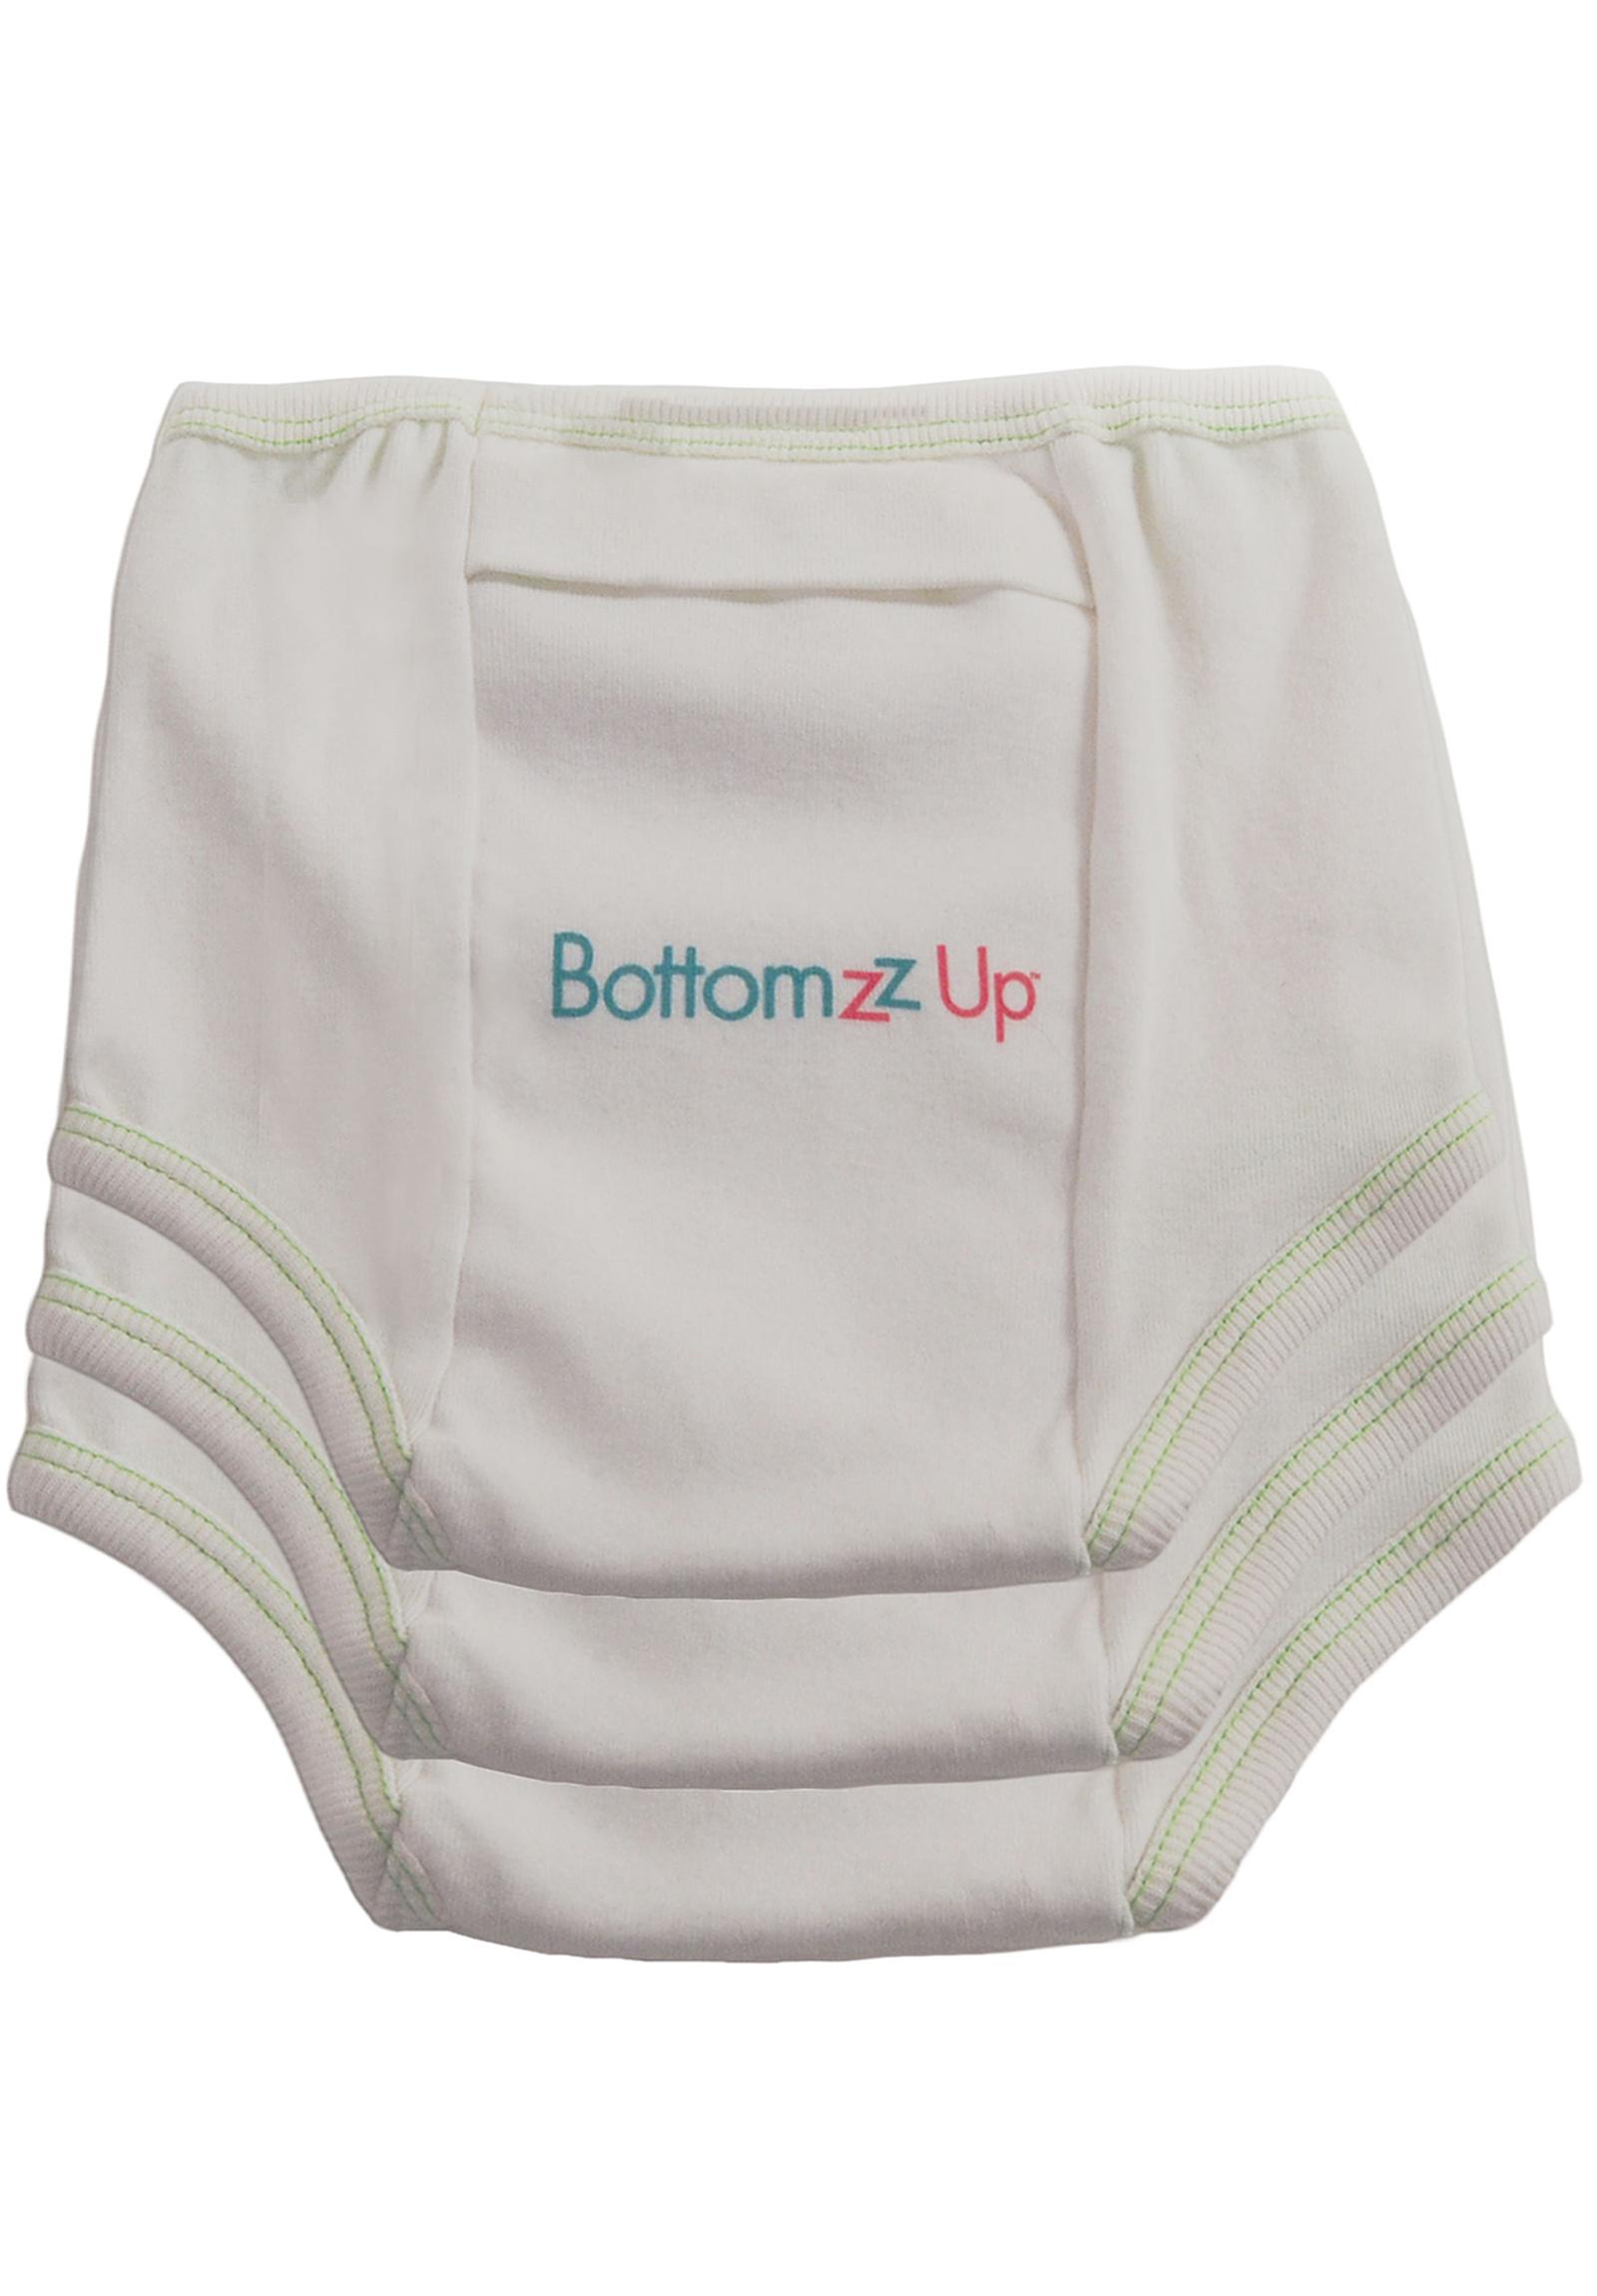 BottomZz Up Underwear    $47.45